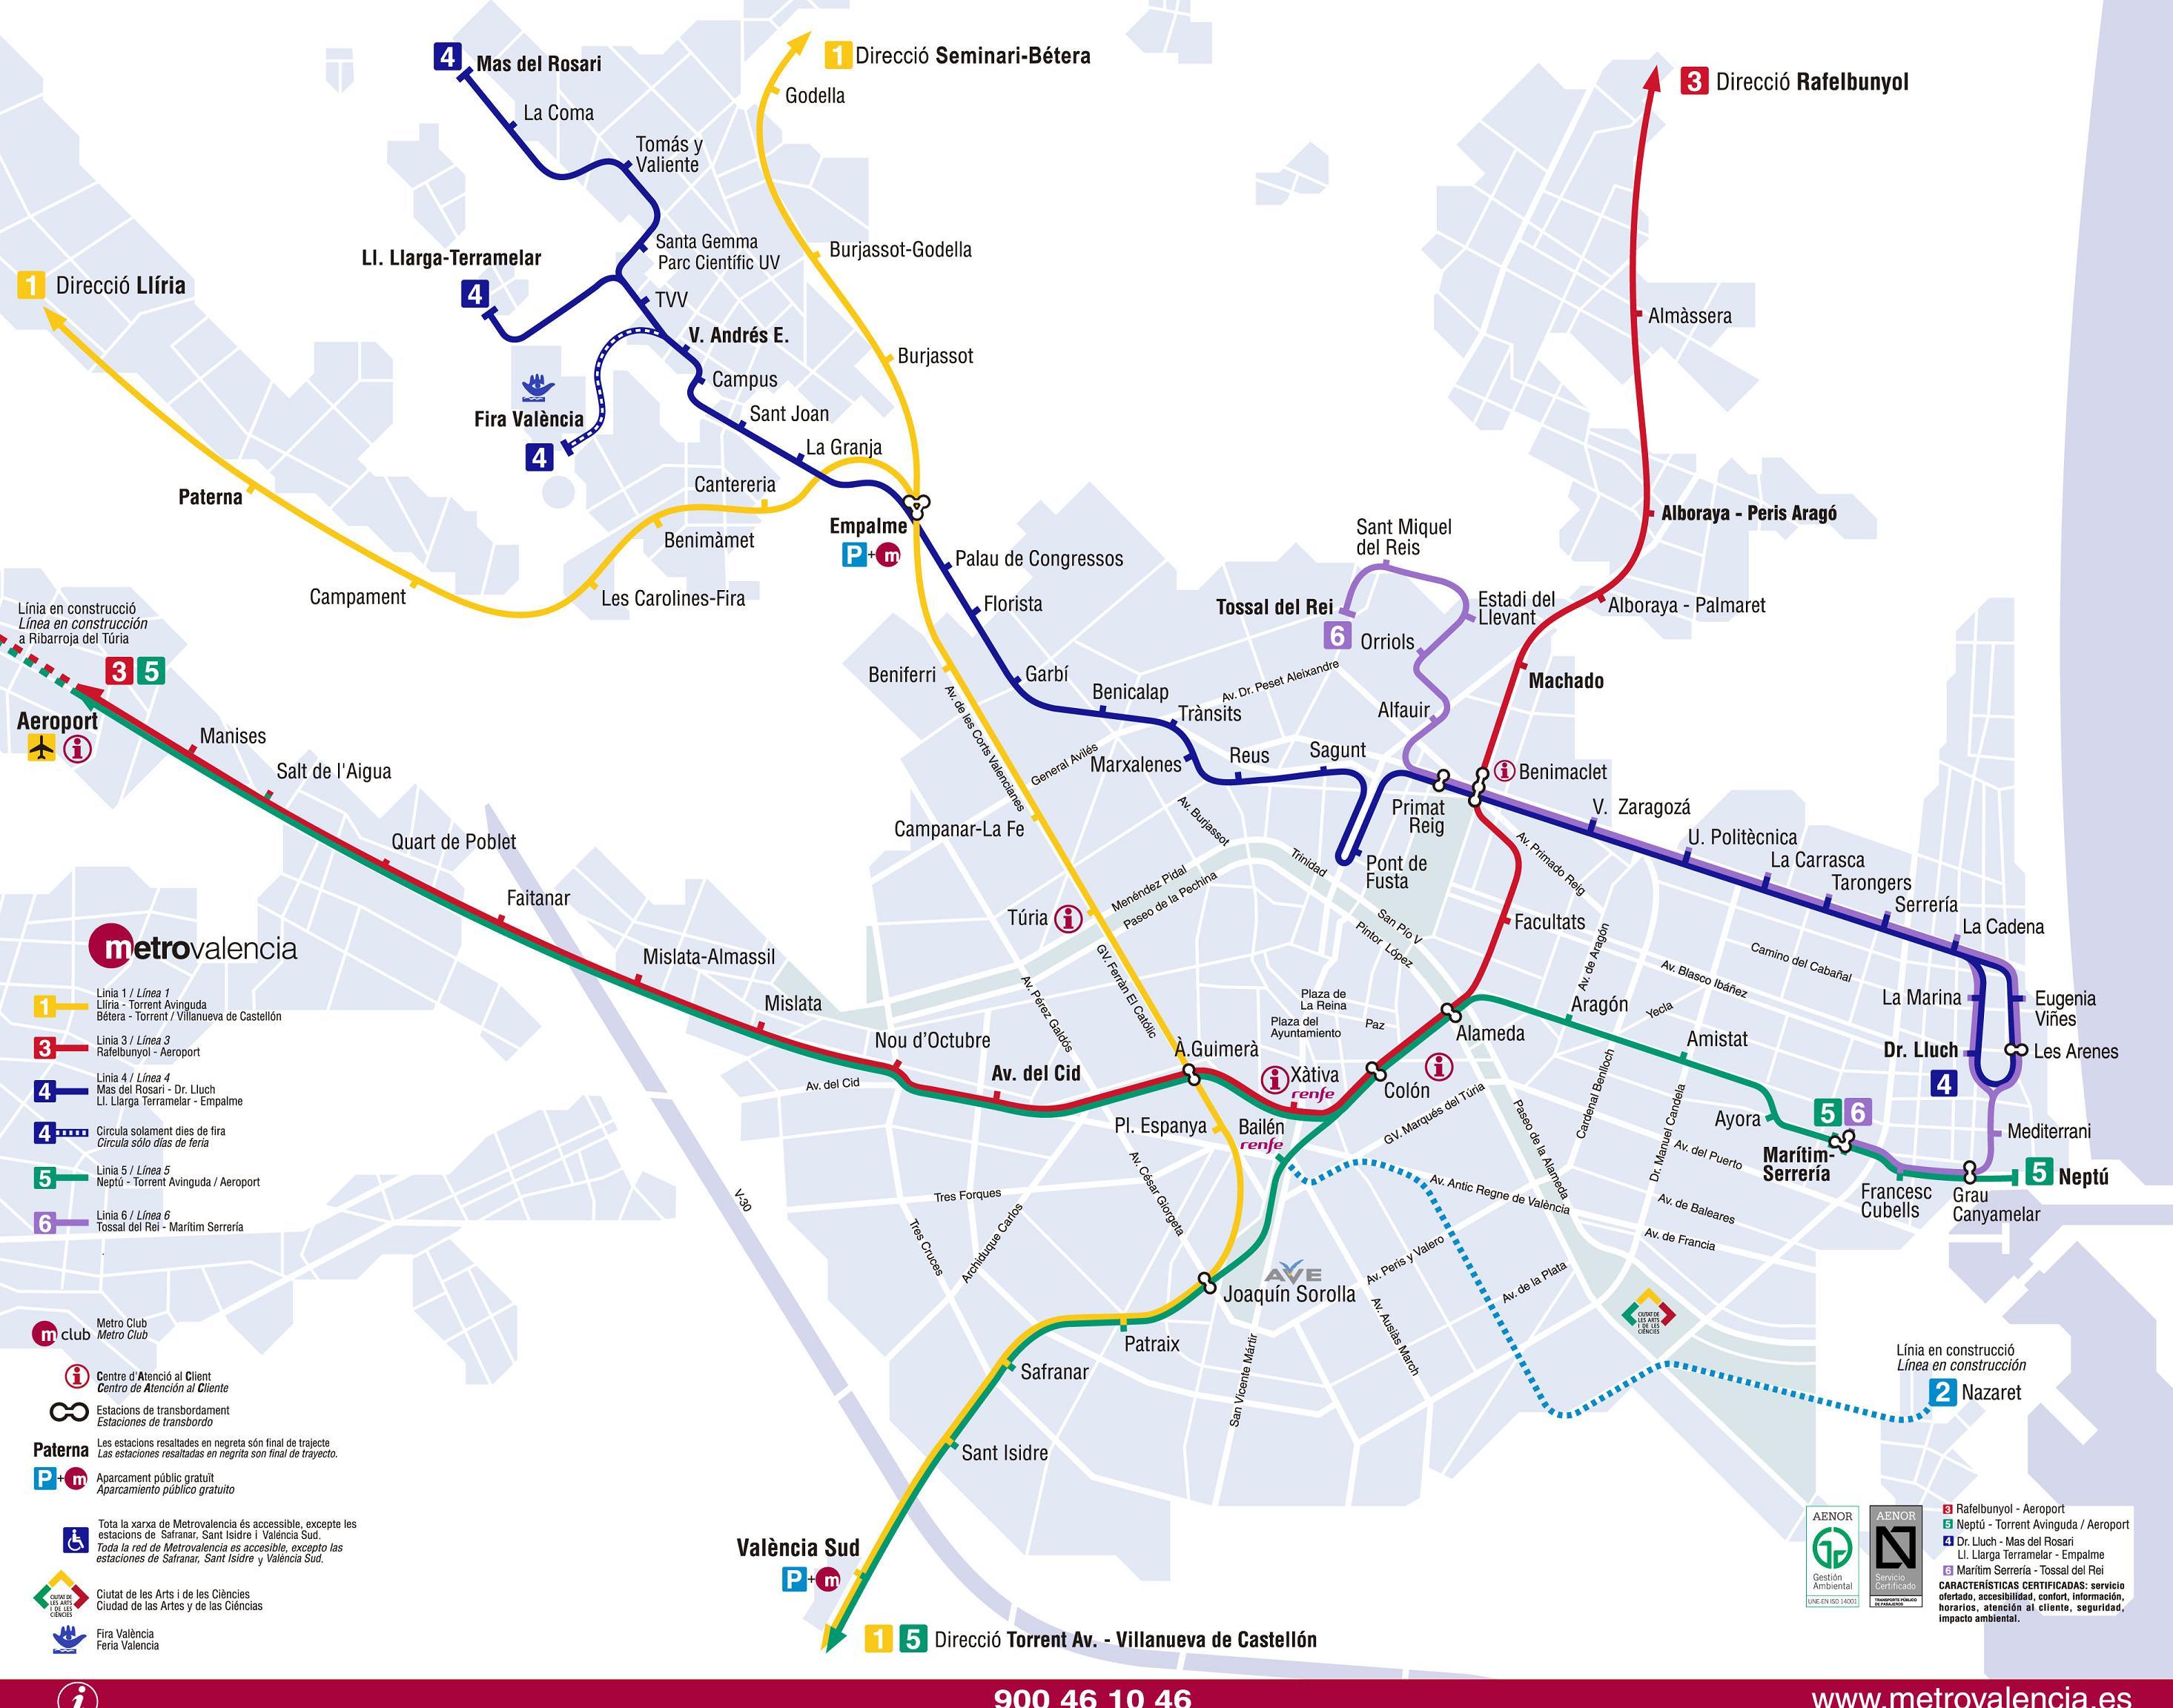 Metro of Valencia urban network 2011